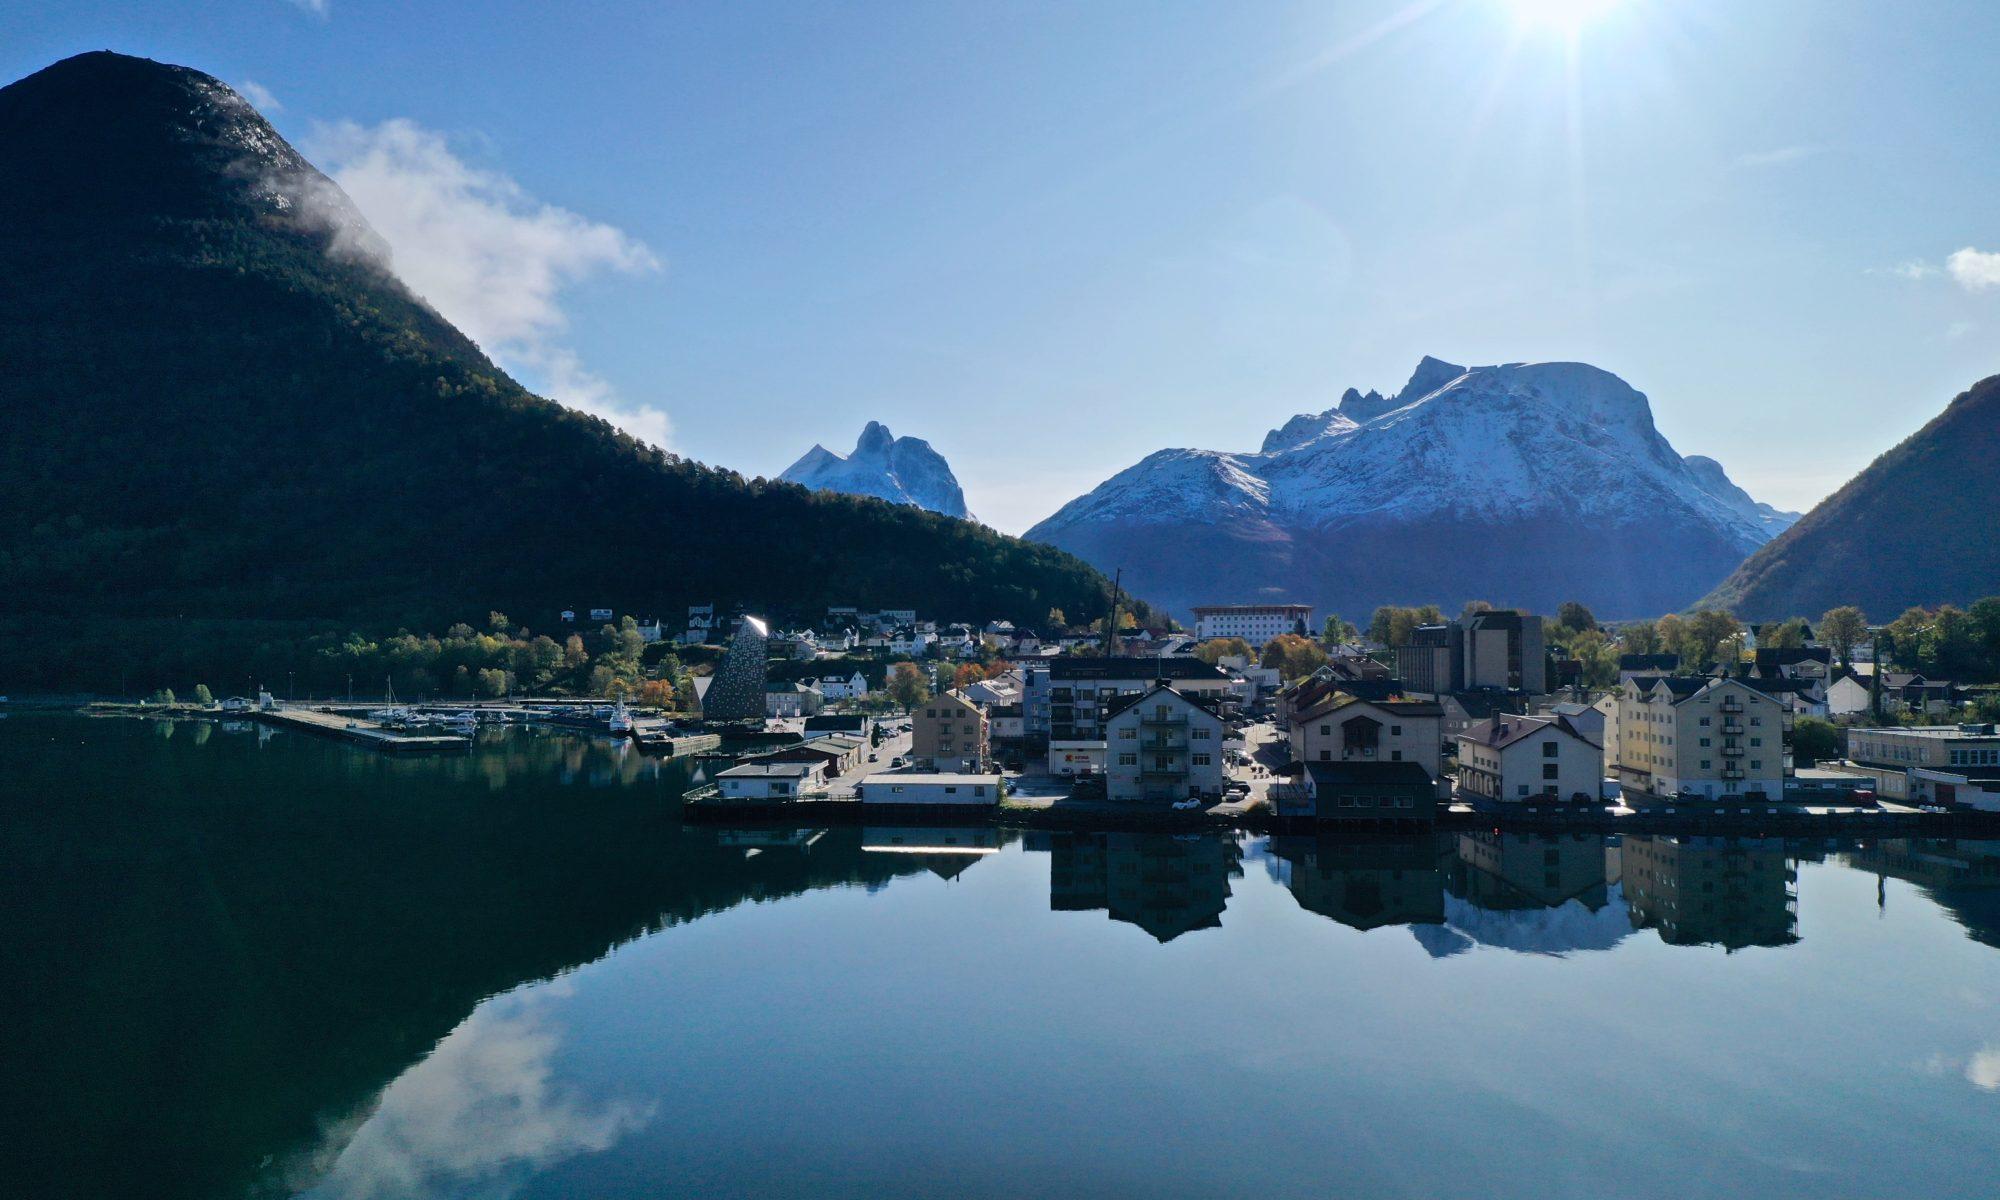 Åndalsnes in Romsdal, Norway